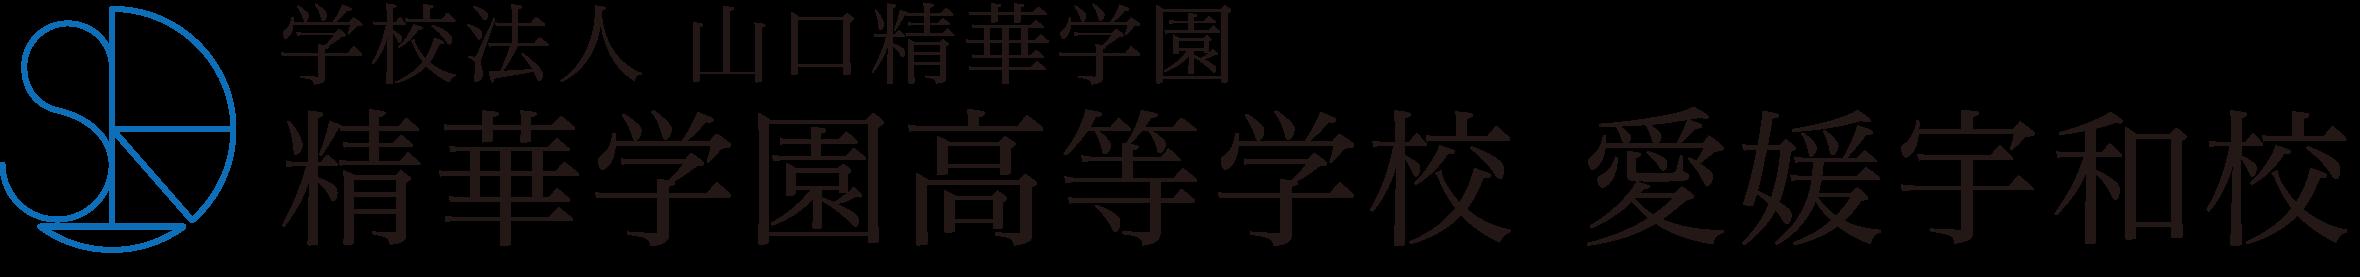 精華学園高等学校 愛媛宇和校